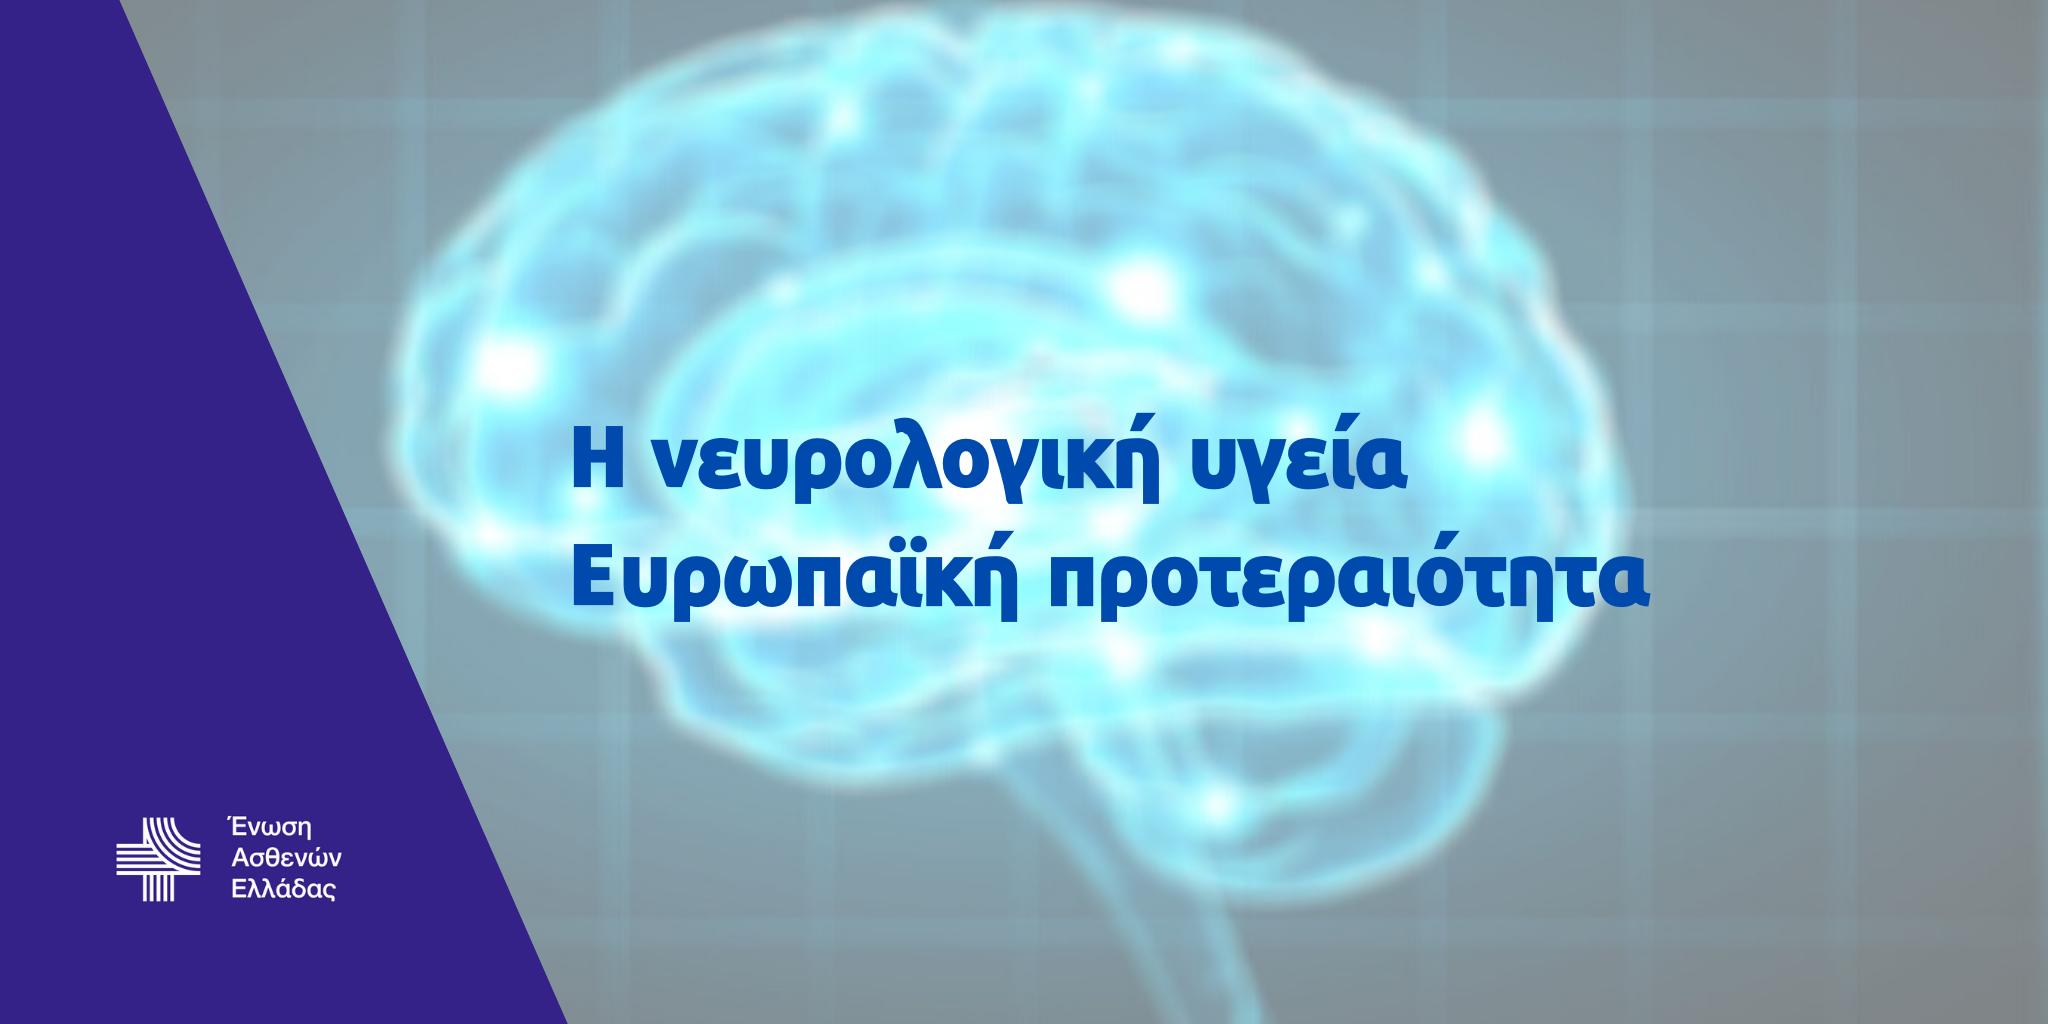 Ευρωπαϊκή πρωτοβουλία για τη συμπερίληψη της νευρολογικής υγείας στο EU4Health της Ε.Ε.